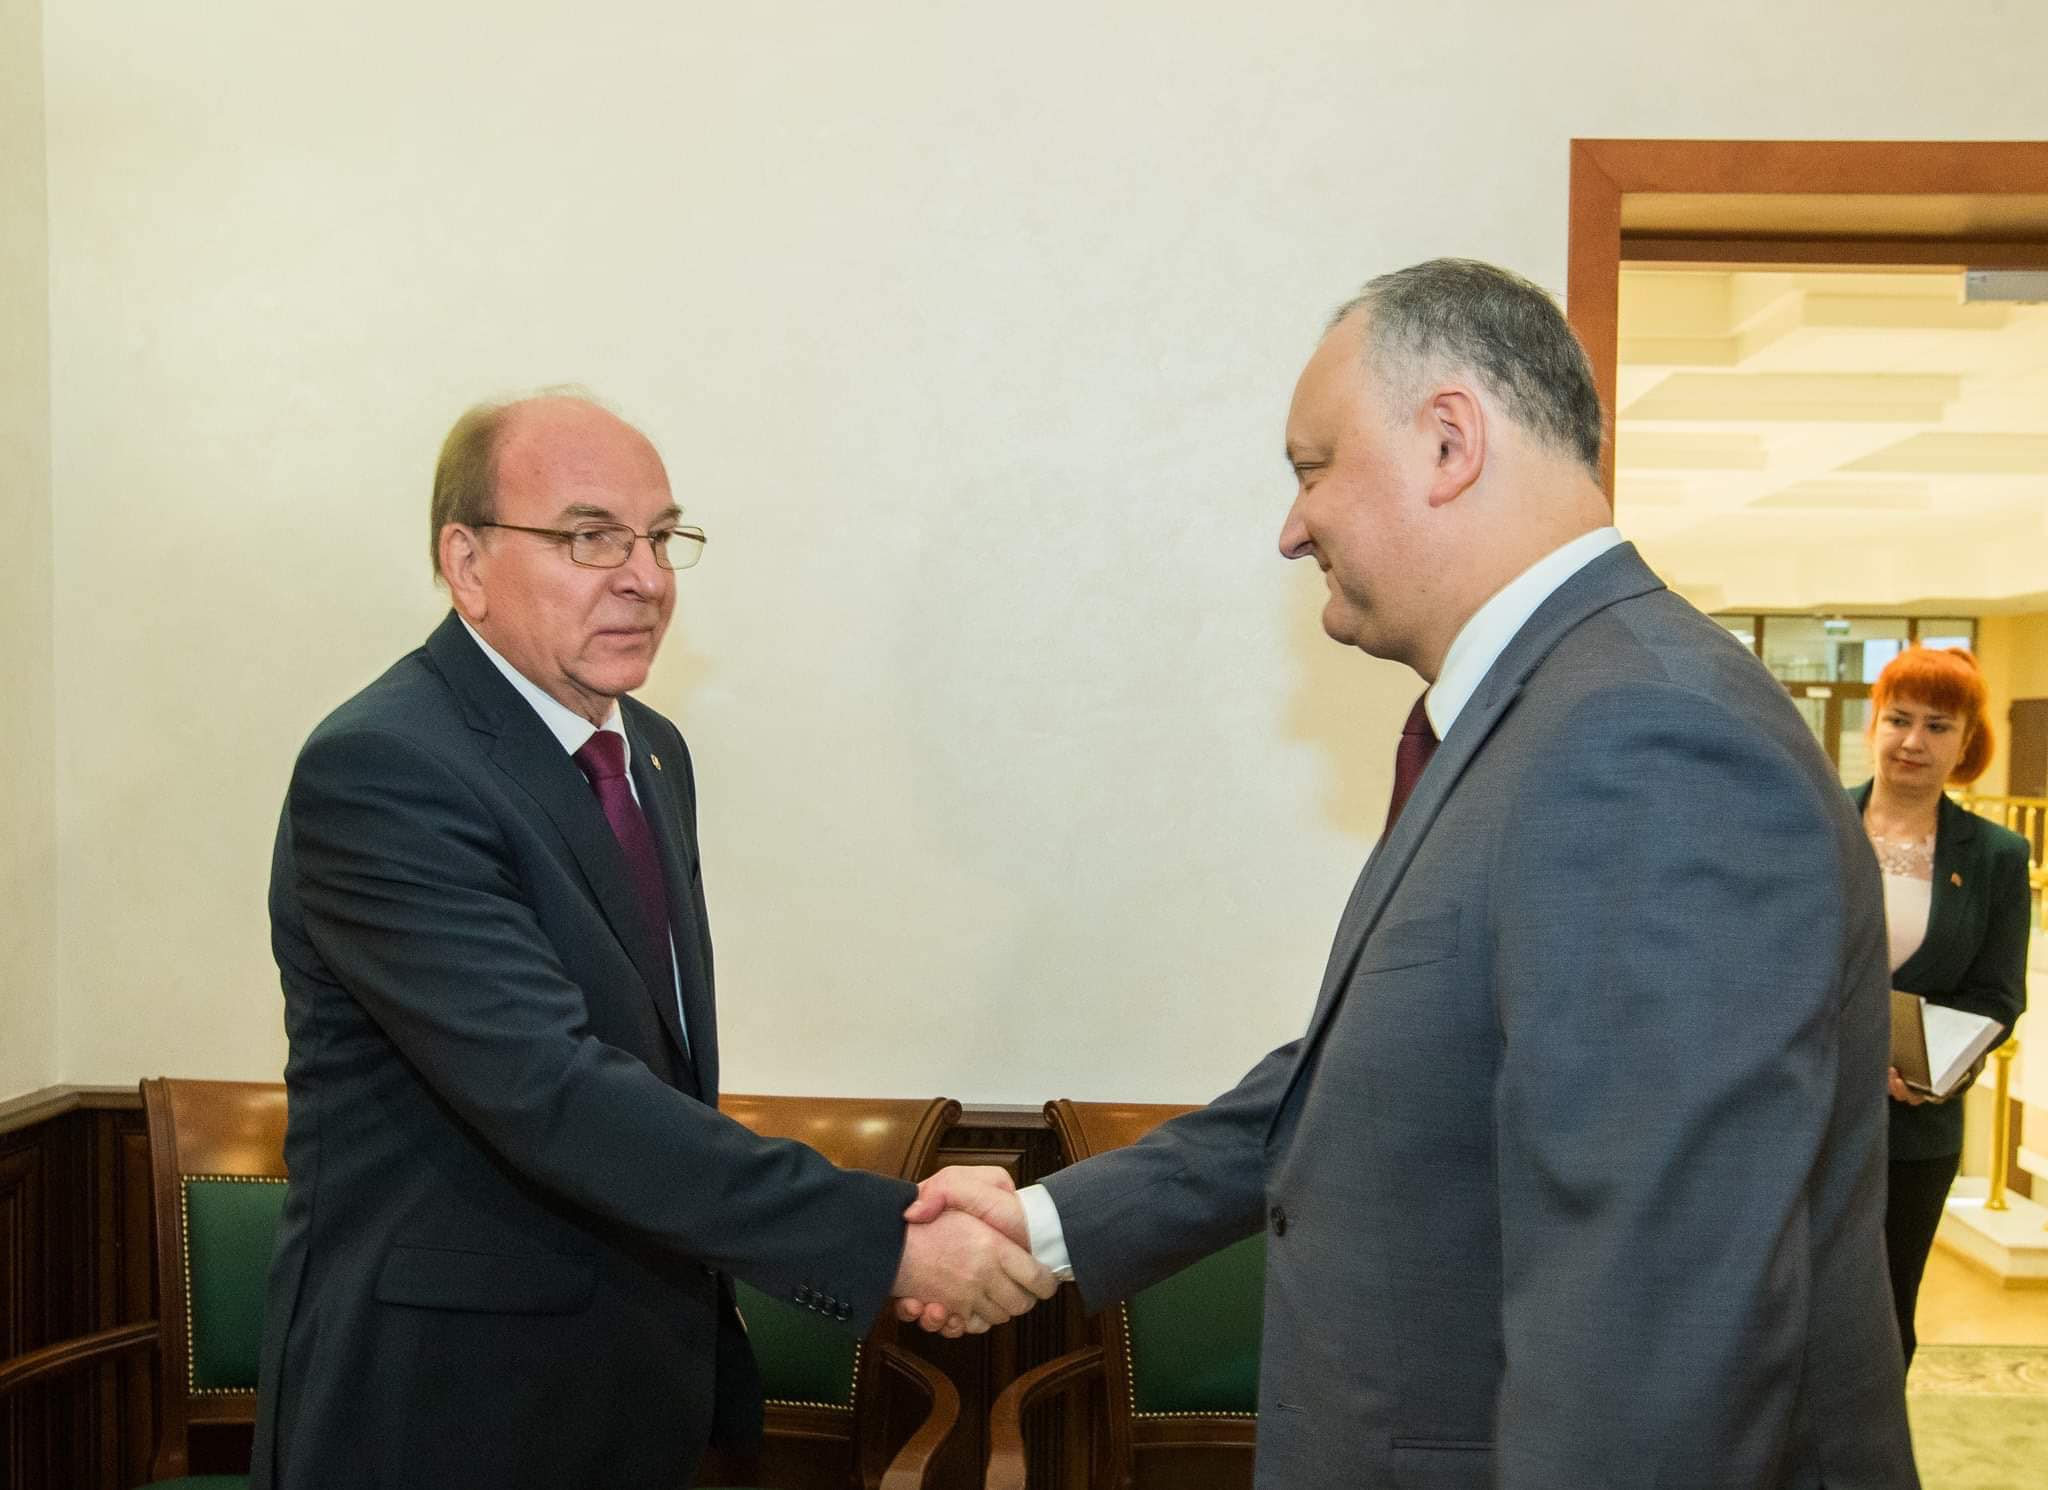 Додон обсудил важные вопросы с послом России в Молдове (ФОТО)